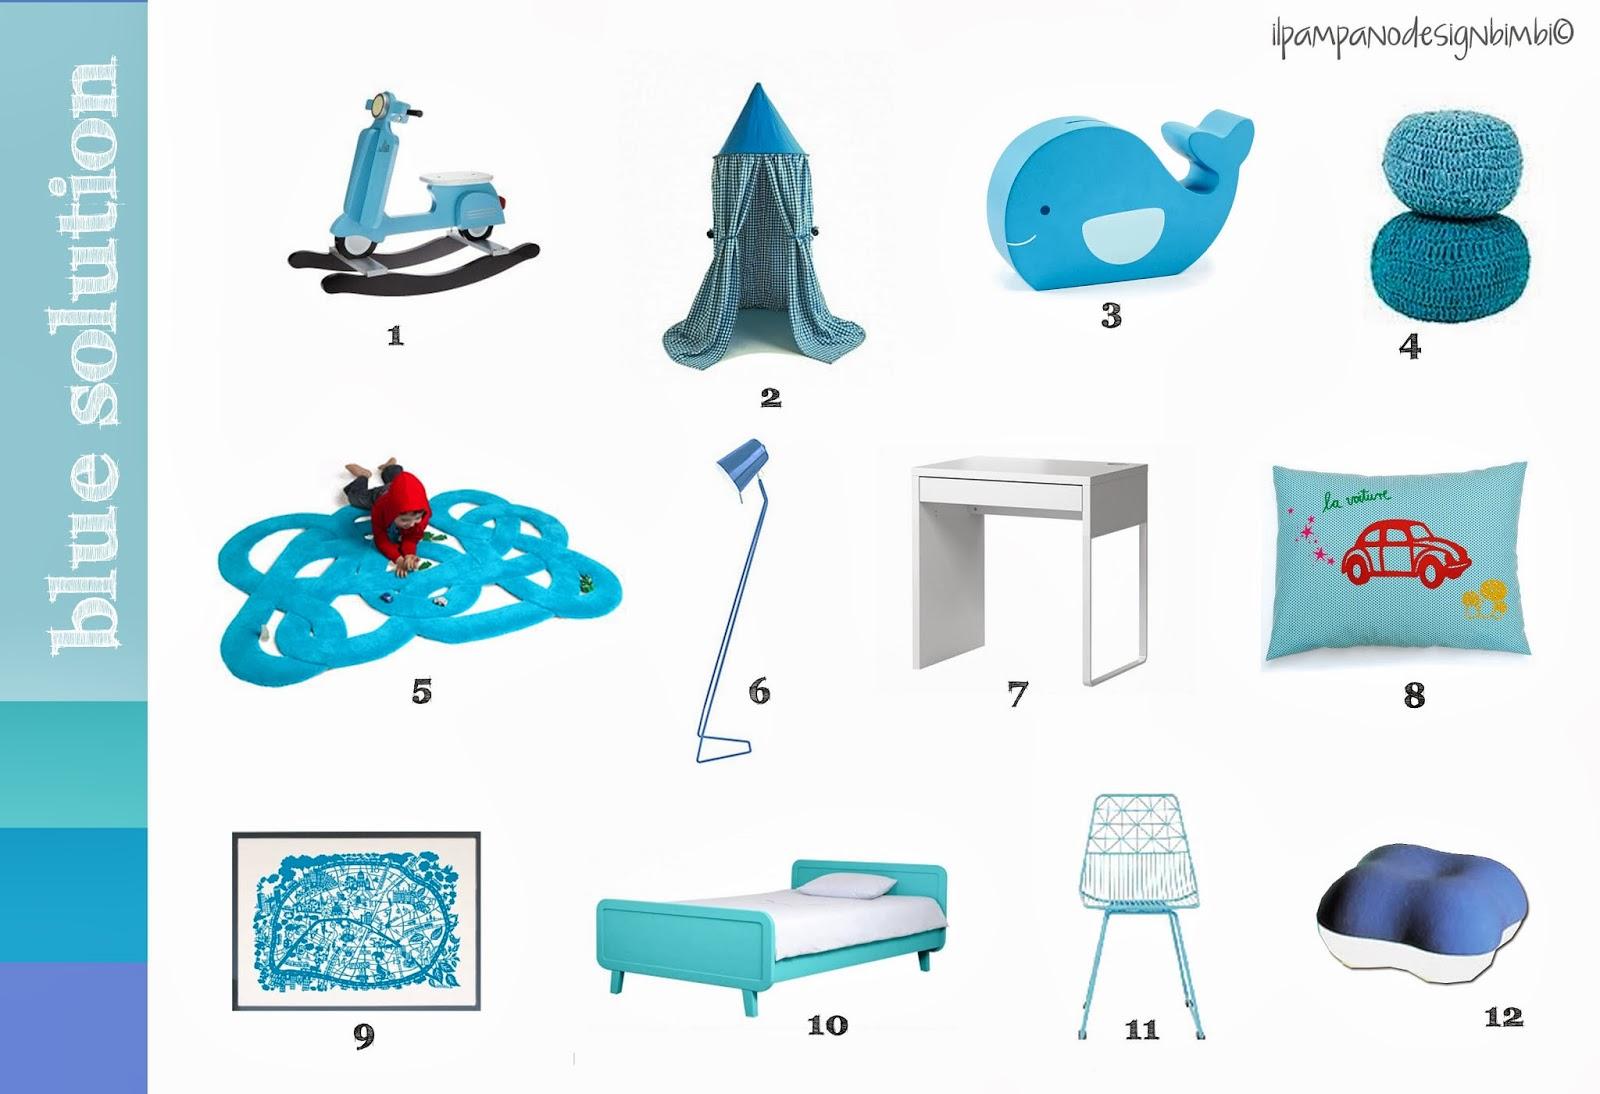 Moodboards pink e blue il pampano interior lifestyle - Tappeto pista ikea ...